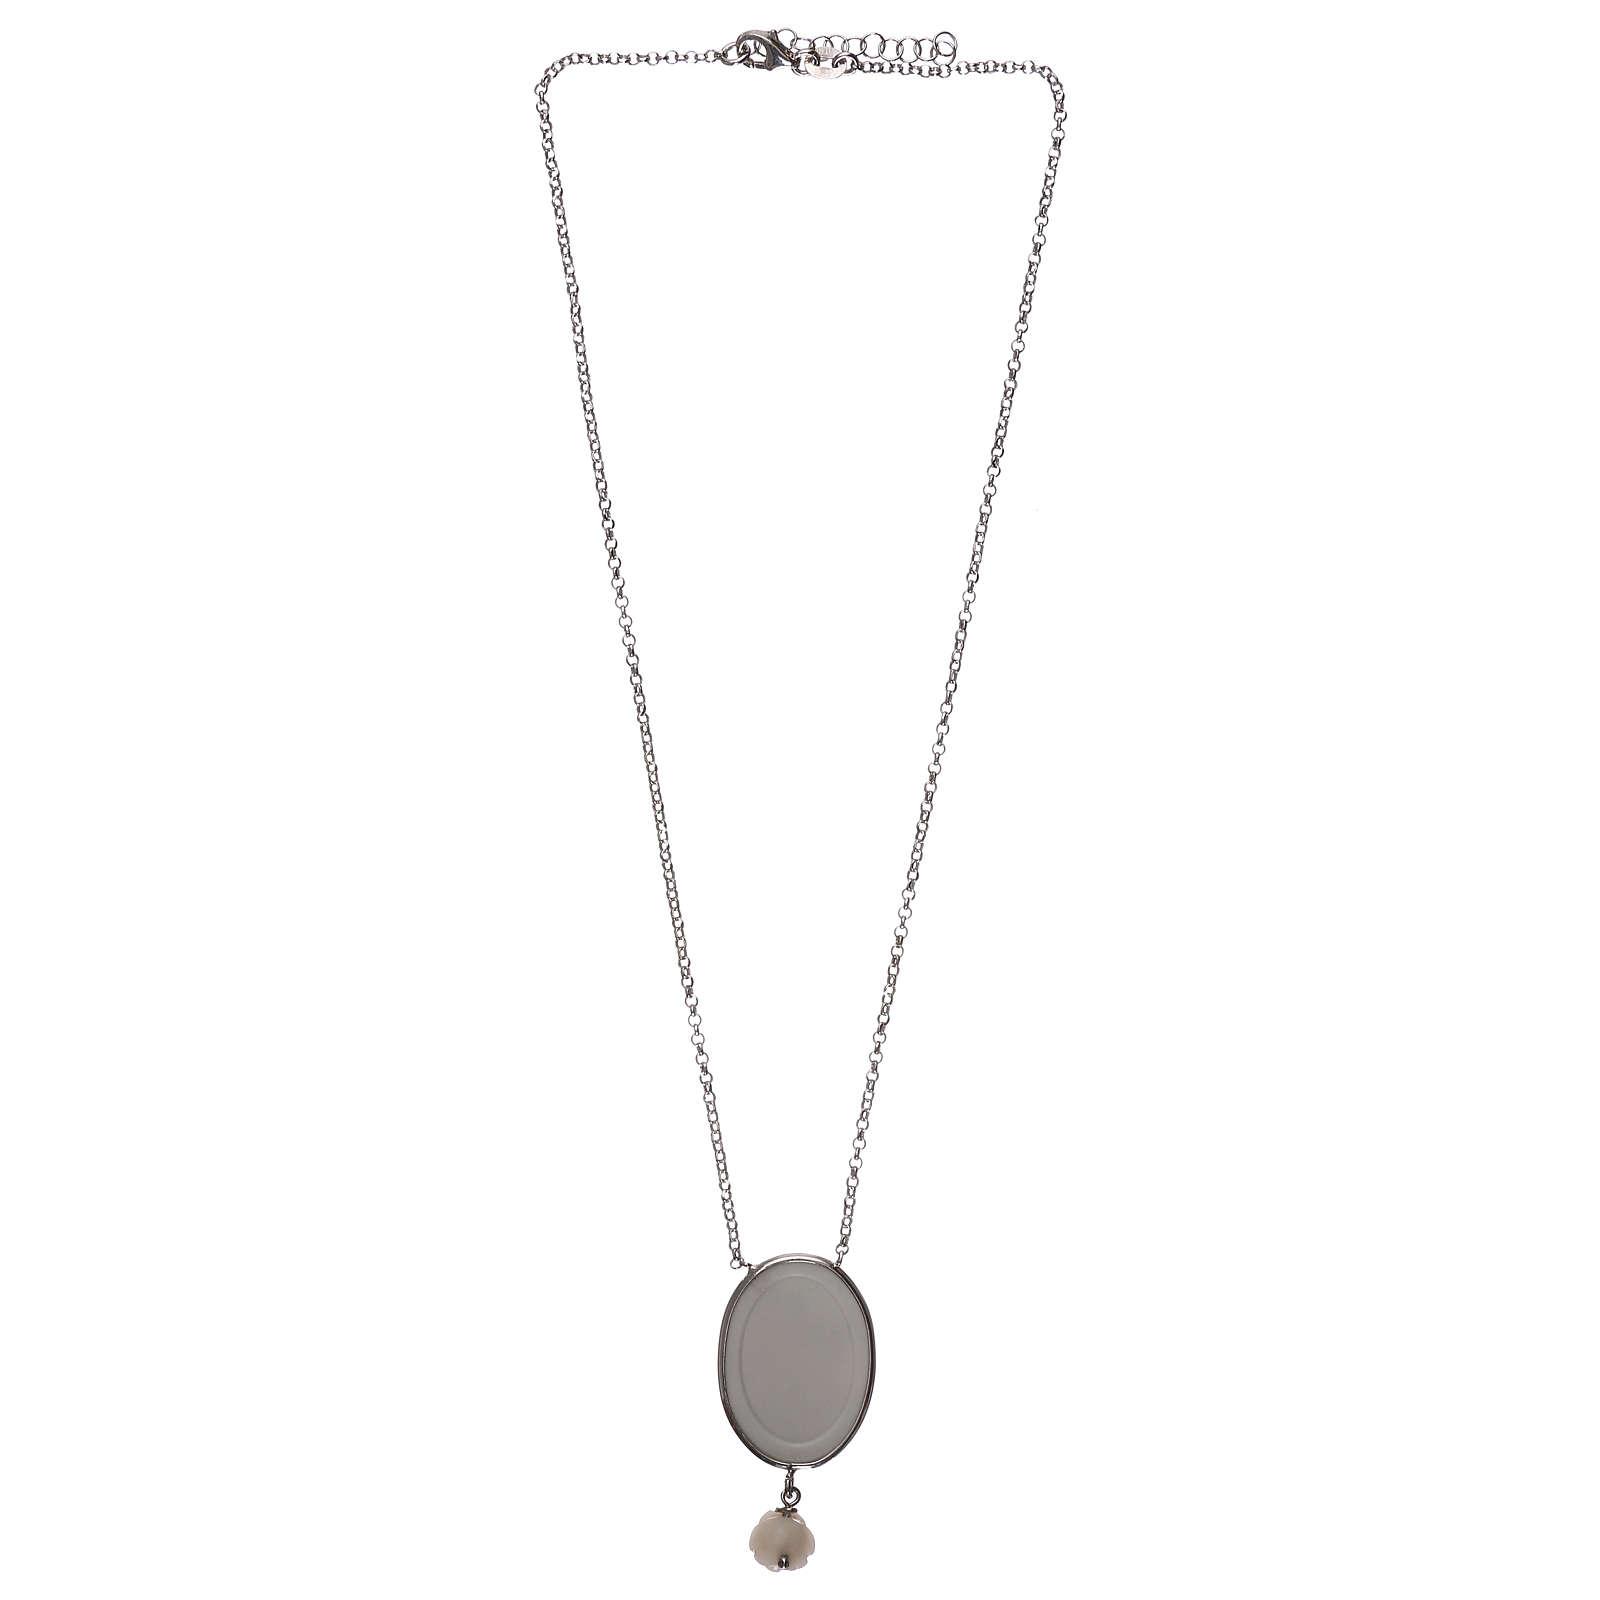 Collier argent 925 avec médaille ange et rose 4